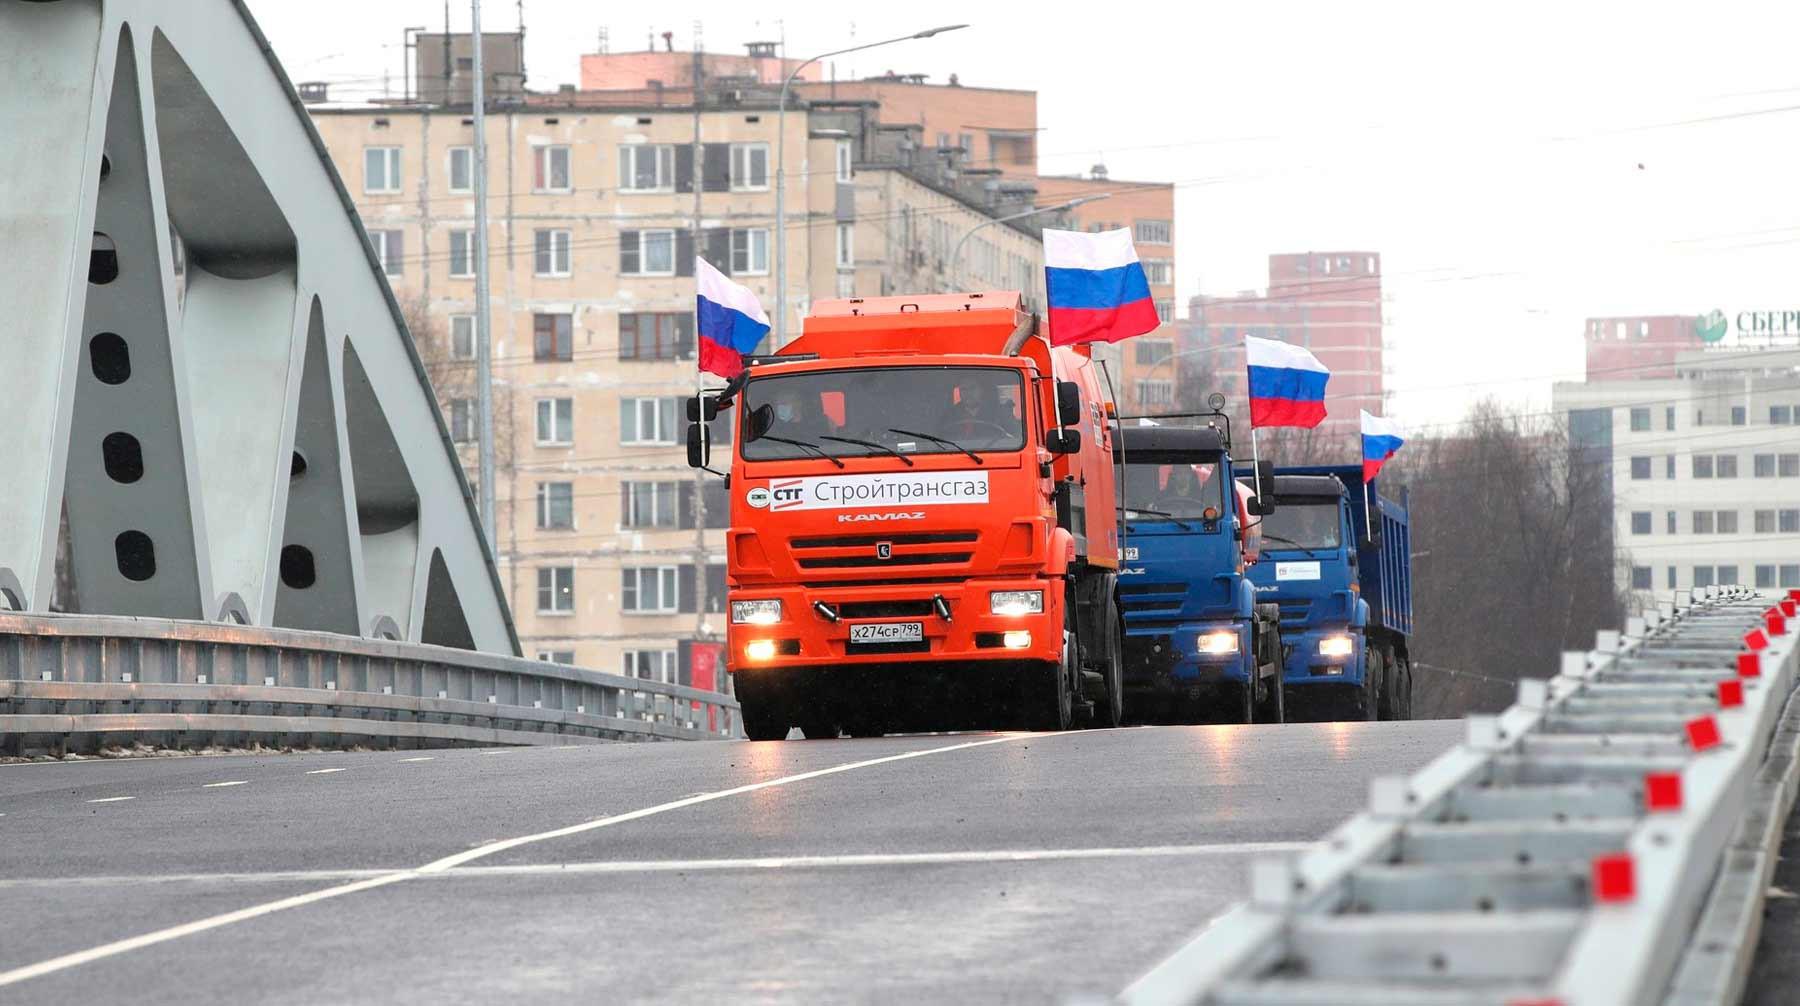 Путин открыл движение по транспортной развязке в Химках